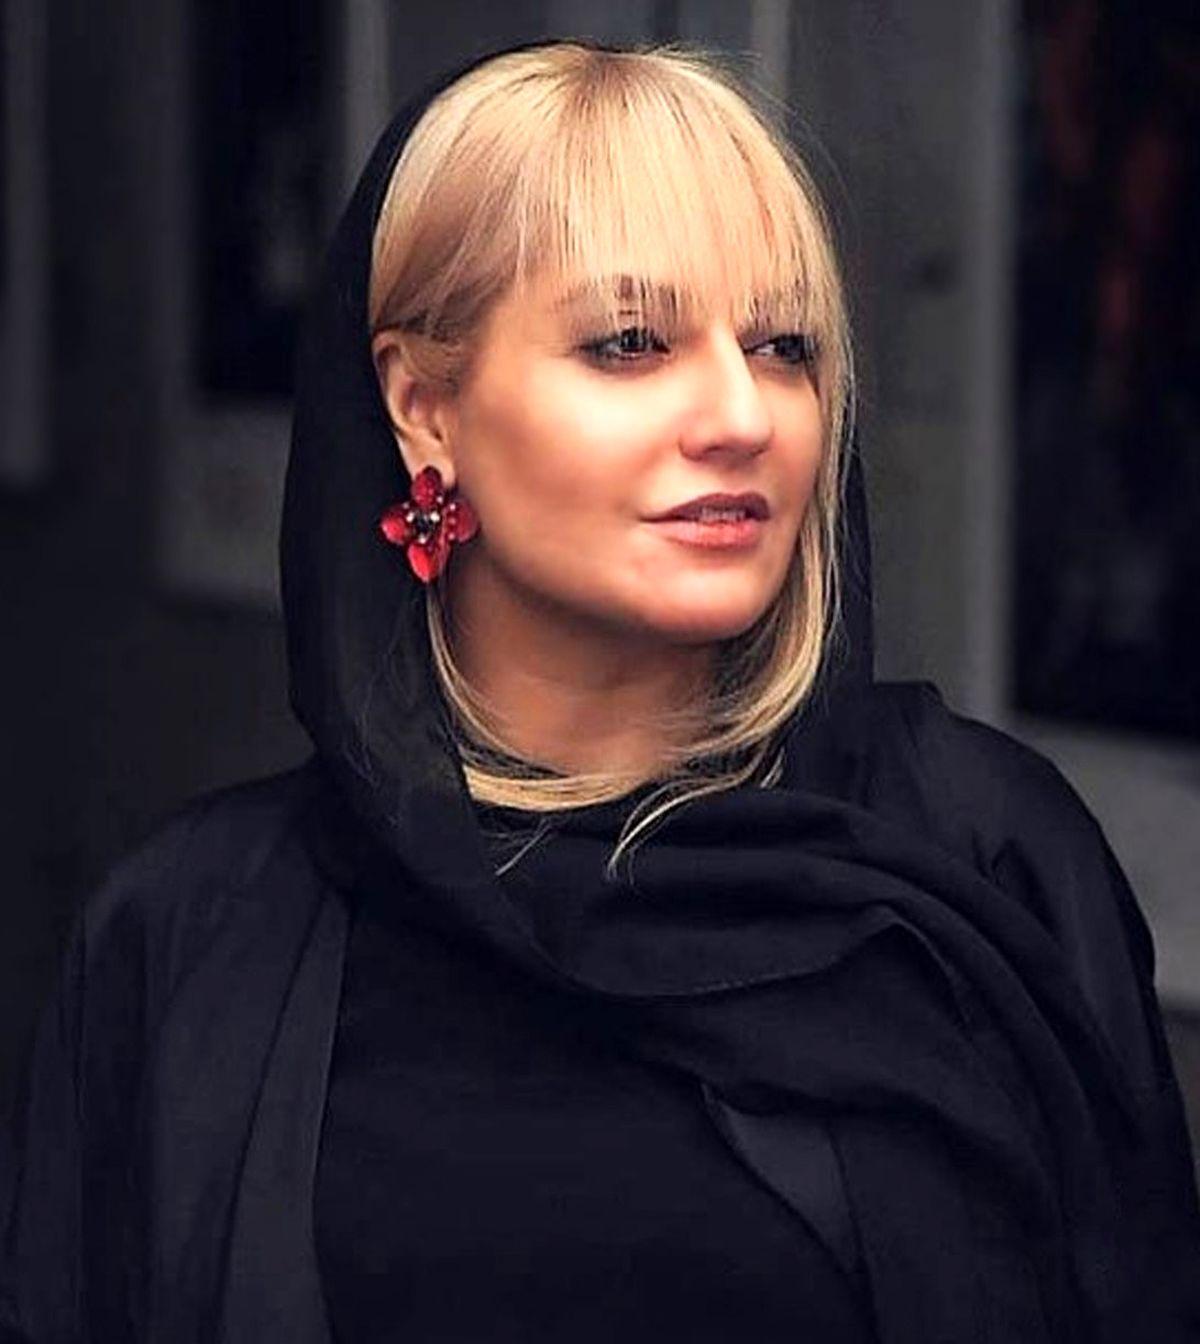 مهناز افشار ازدواج کرد؟ + عکس لورفته